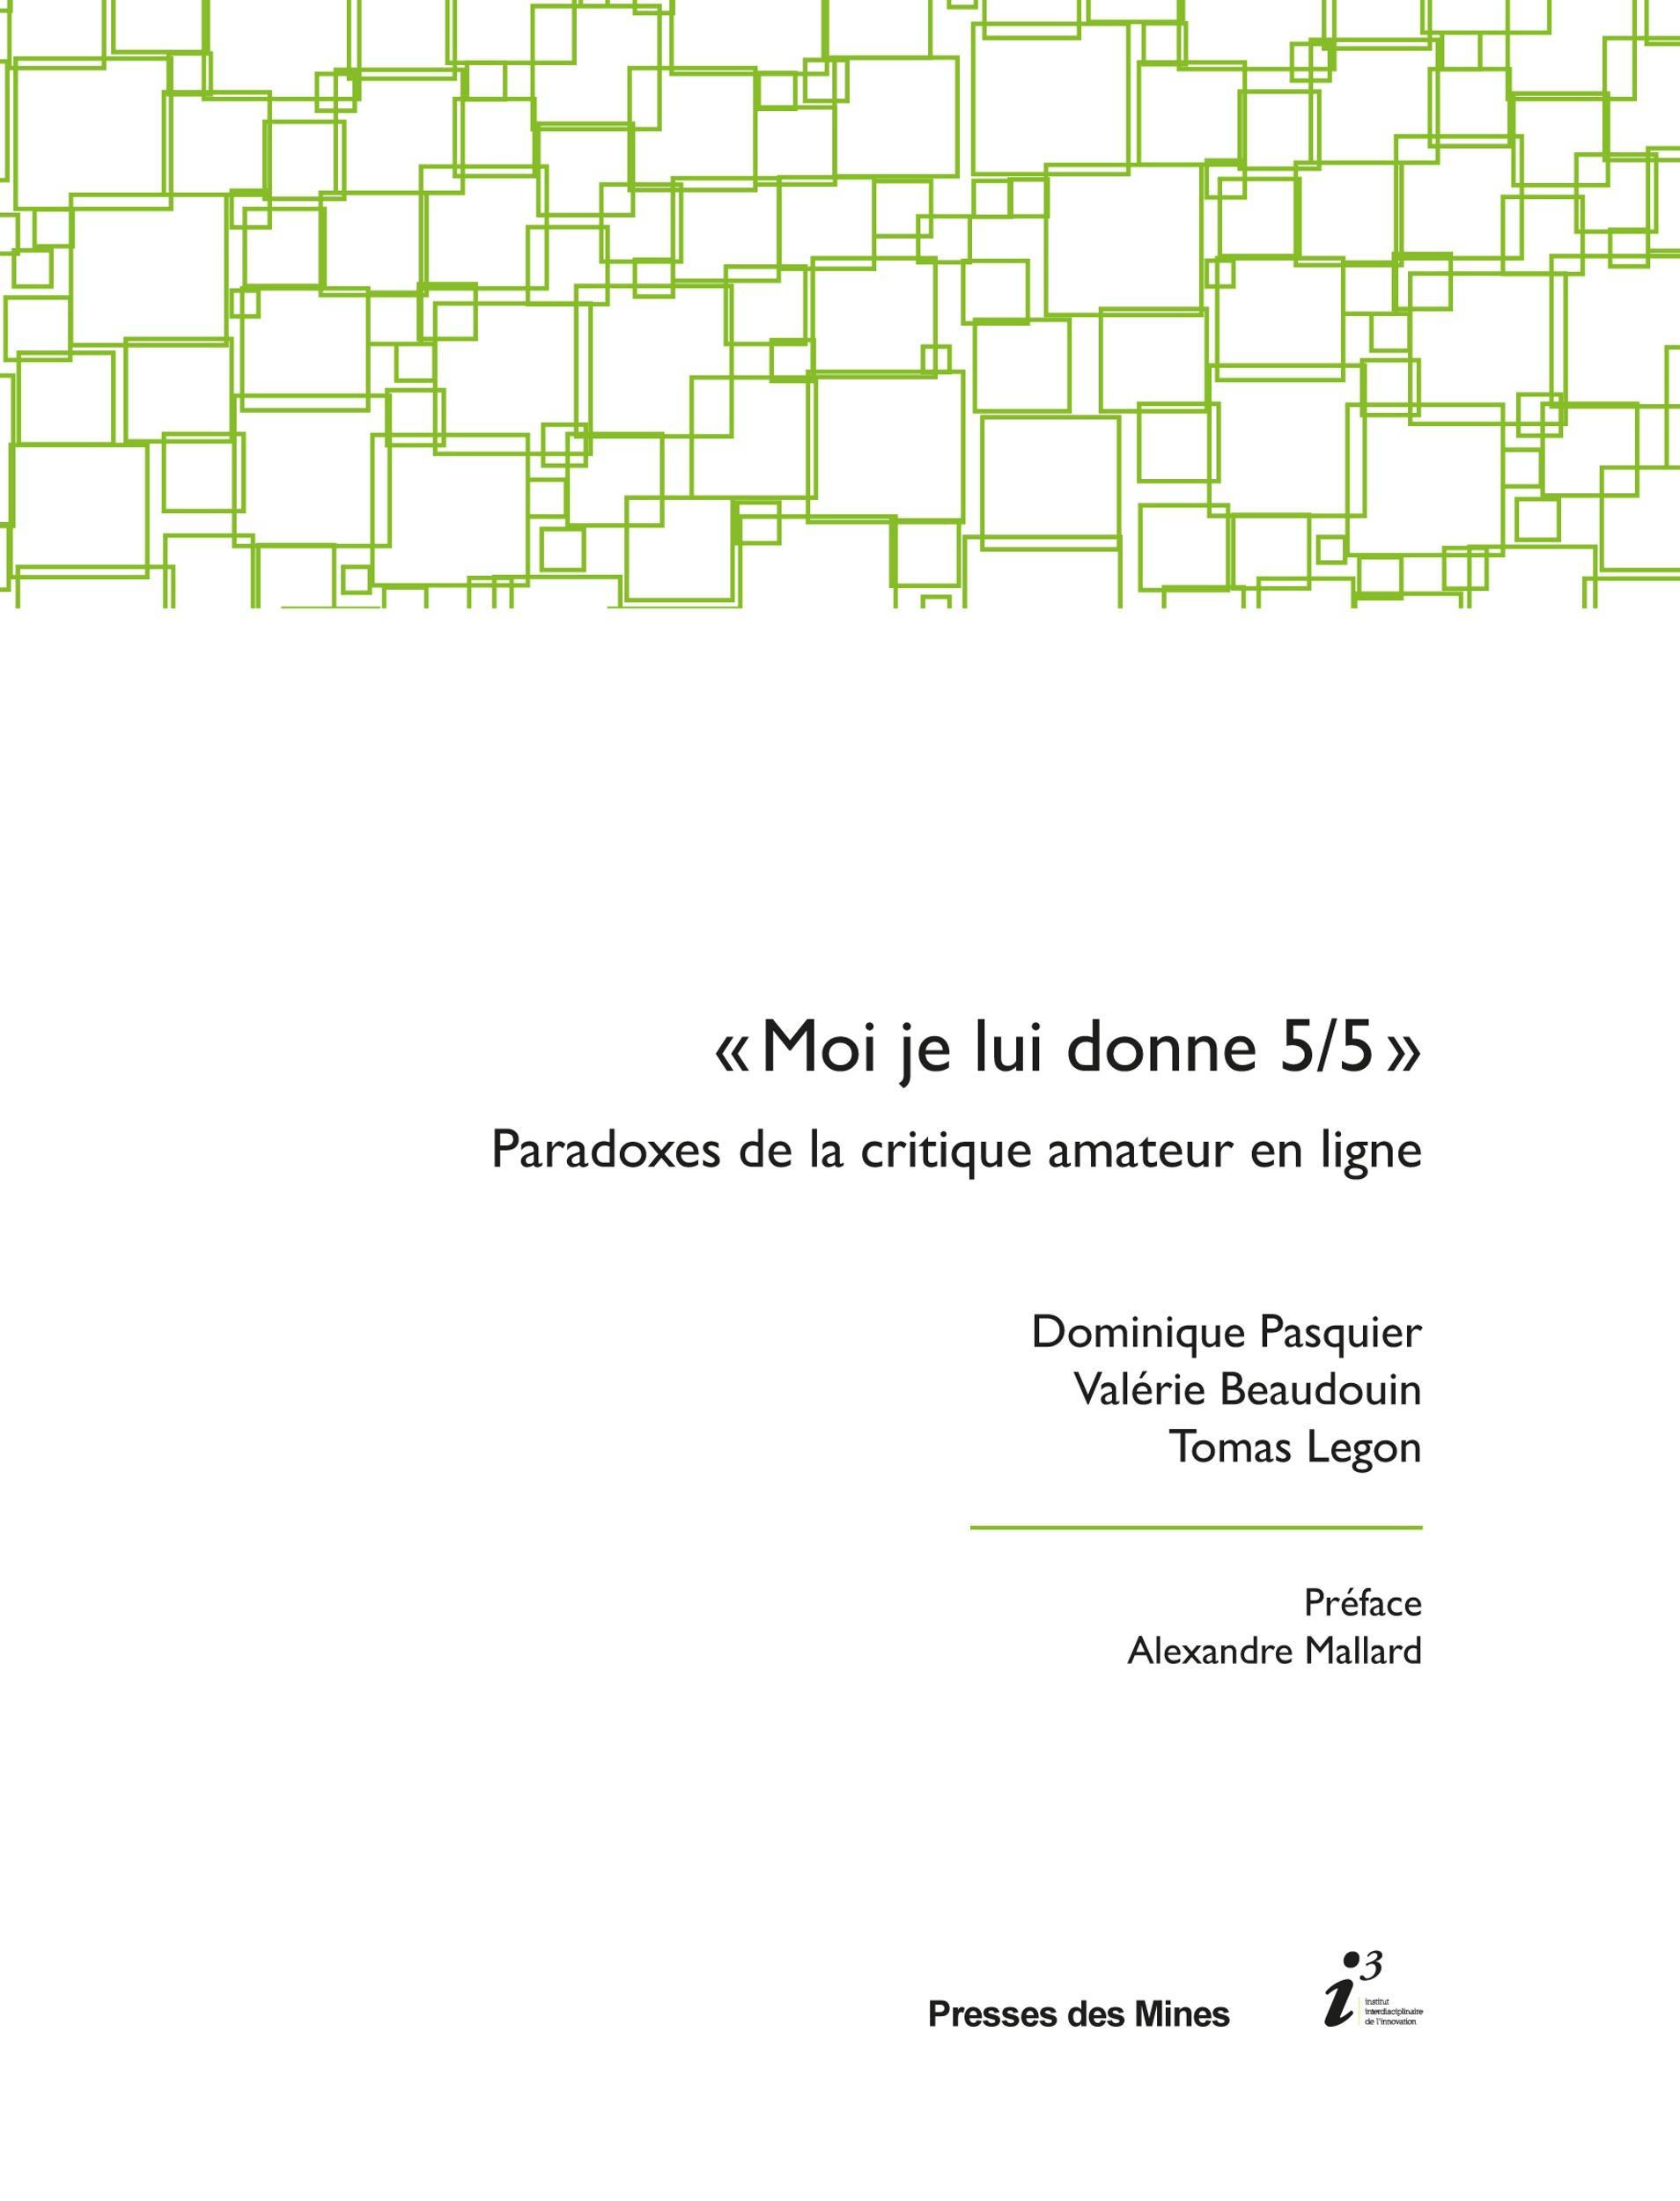 Dominique Pasquier «Moi je lui donne 5/5»